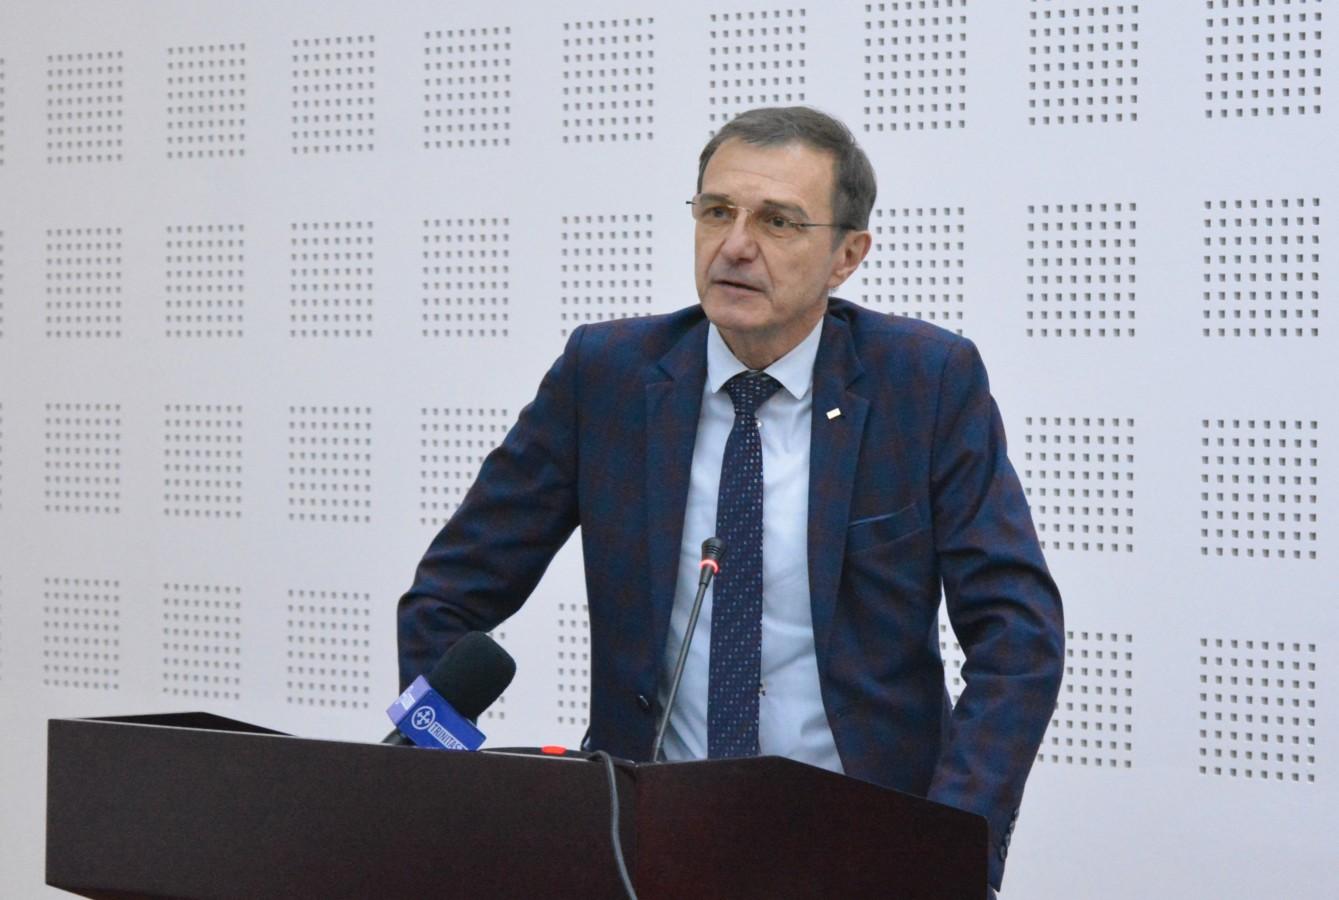 Președintele Academiei Române, Acad. Ioan-Aurel Pop a conferențiat astăzi pentru preoții clujeni